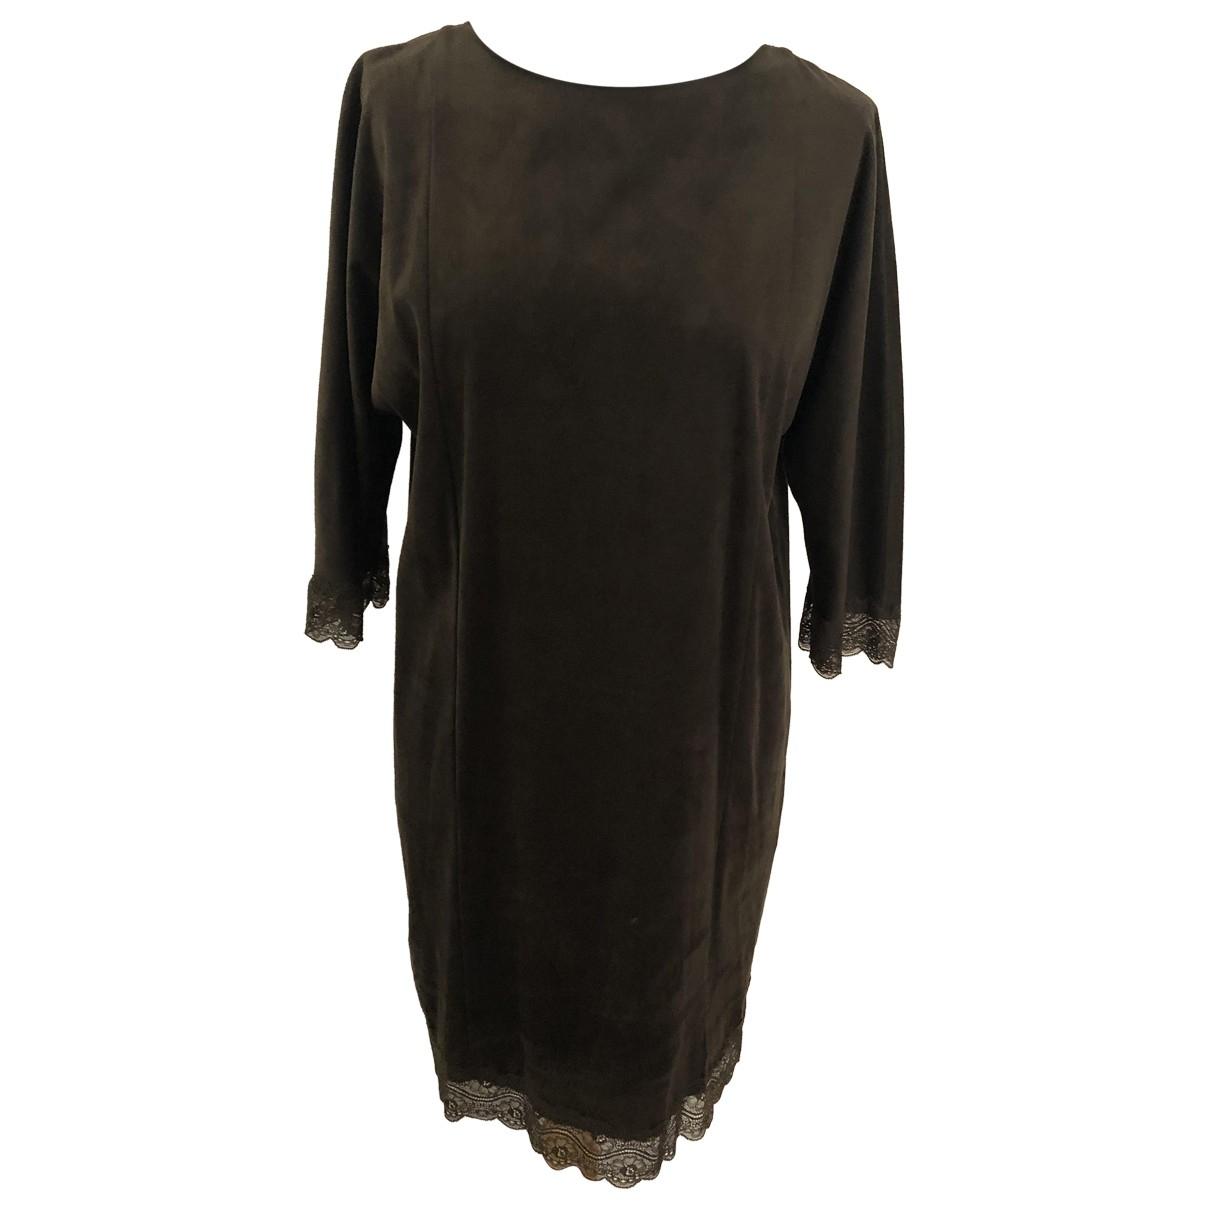 Zara \N Kleid in  Gruen Synthetik